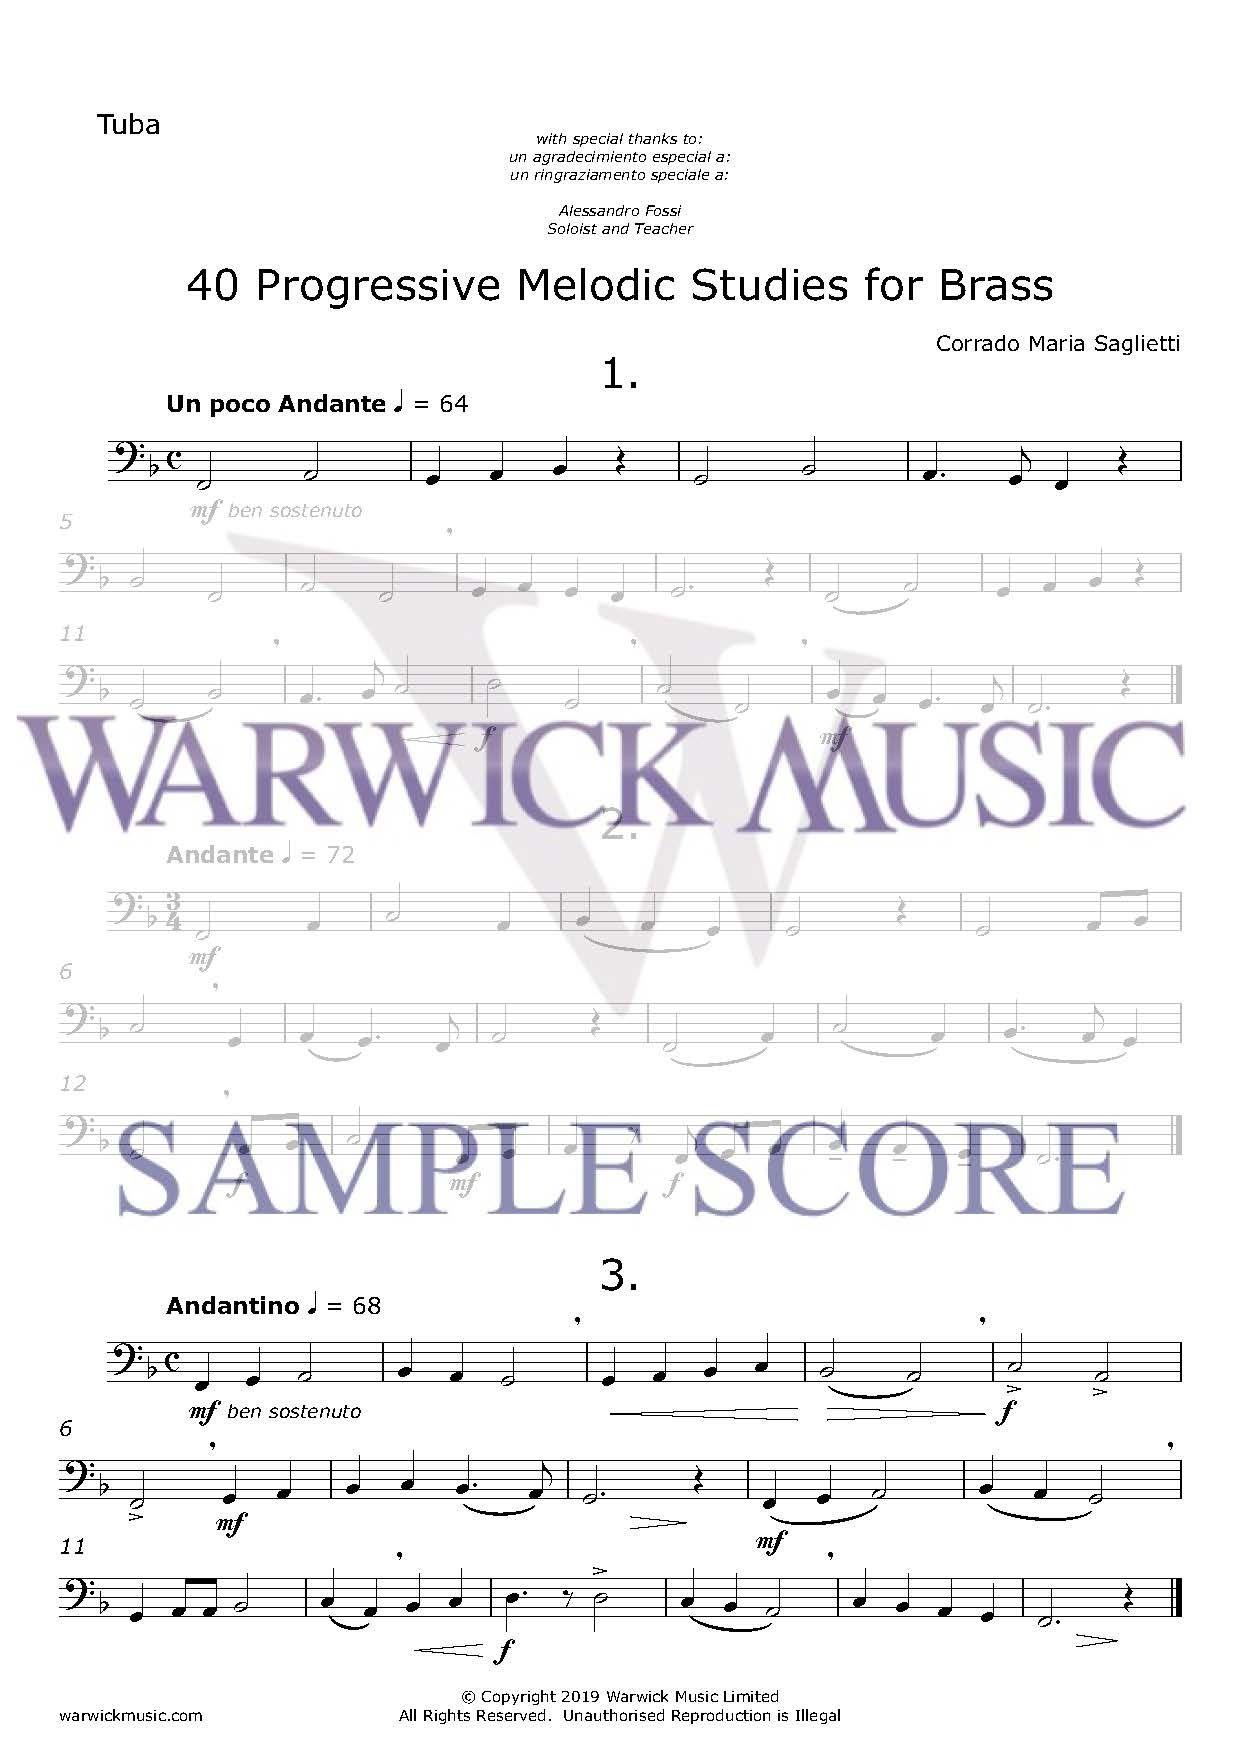 Corrado Maria Saglietti: 40 Progressive Melodic Studies for Brass: Tuba Solo: